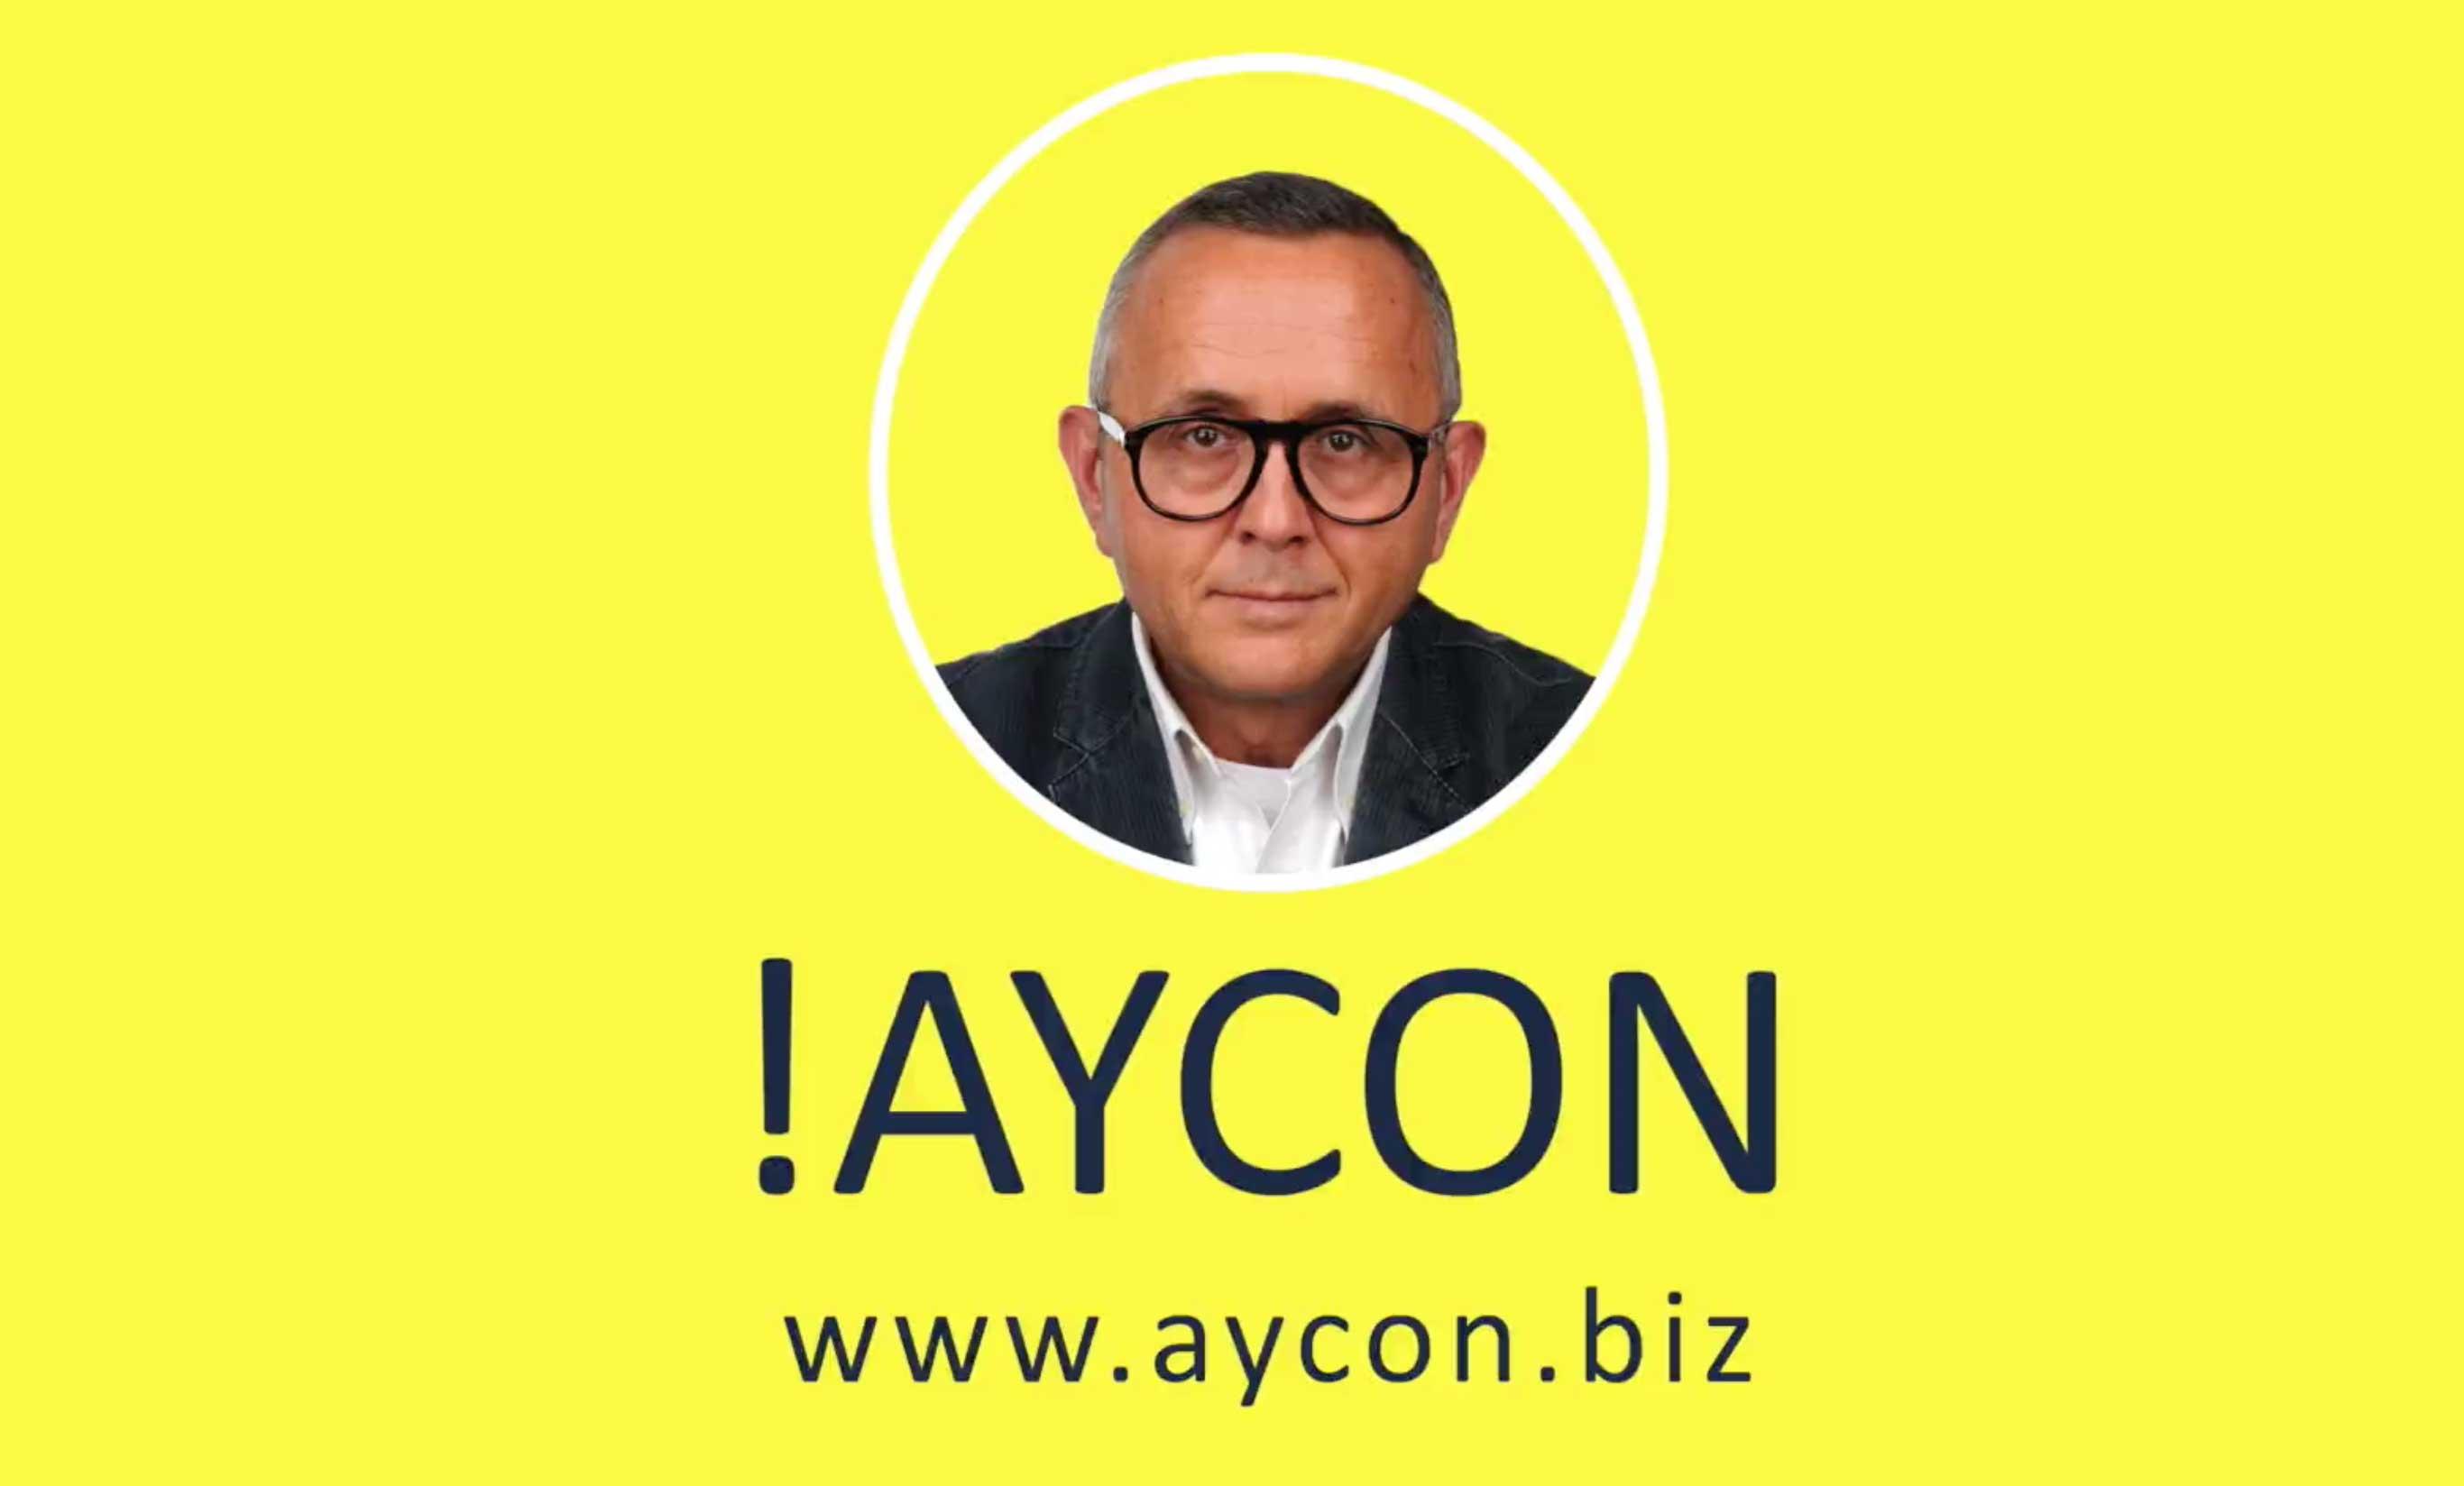 !AYCON wirkt!